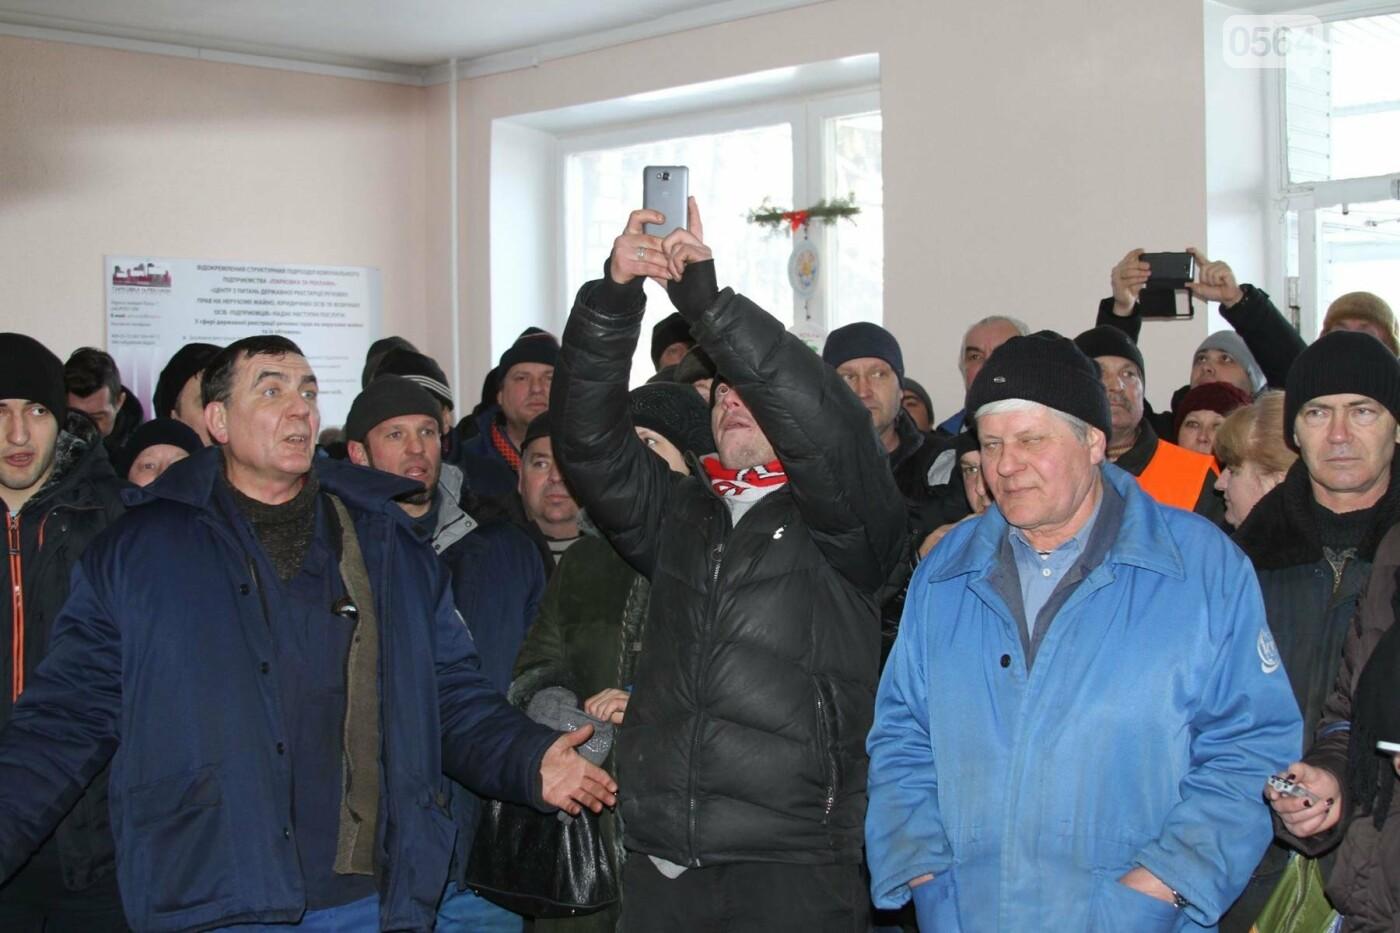 В Кривом Роге сотрудники КПВС митингуют, опасаясь, что город останется без воды  (ФОТО, ВИДЕО), фото-15